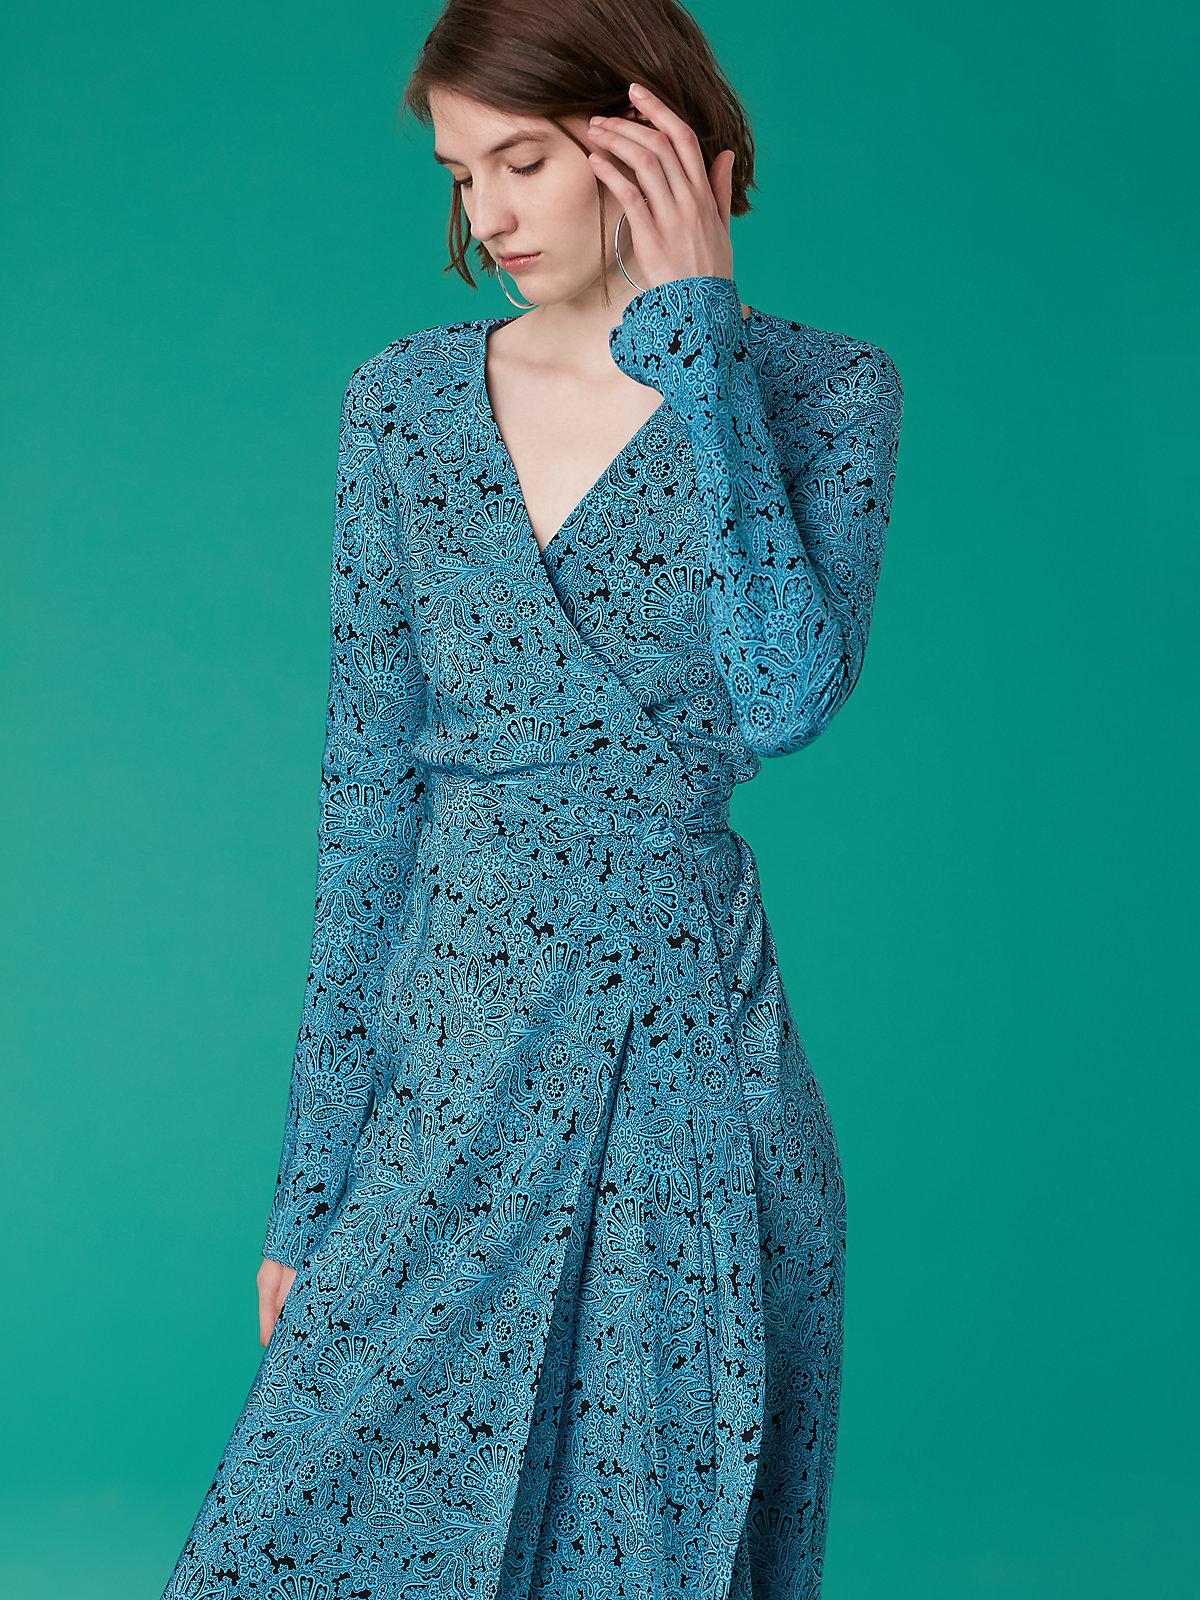 太美了!DvF等品牌裹身裙, 印花裙低至2折!